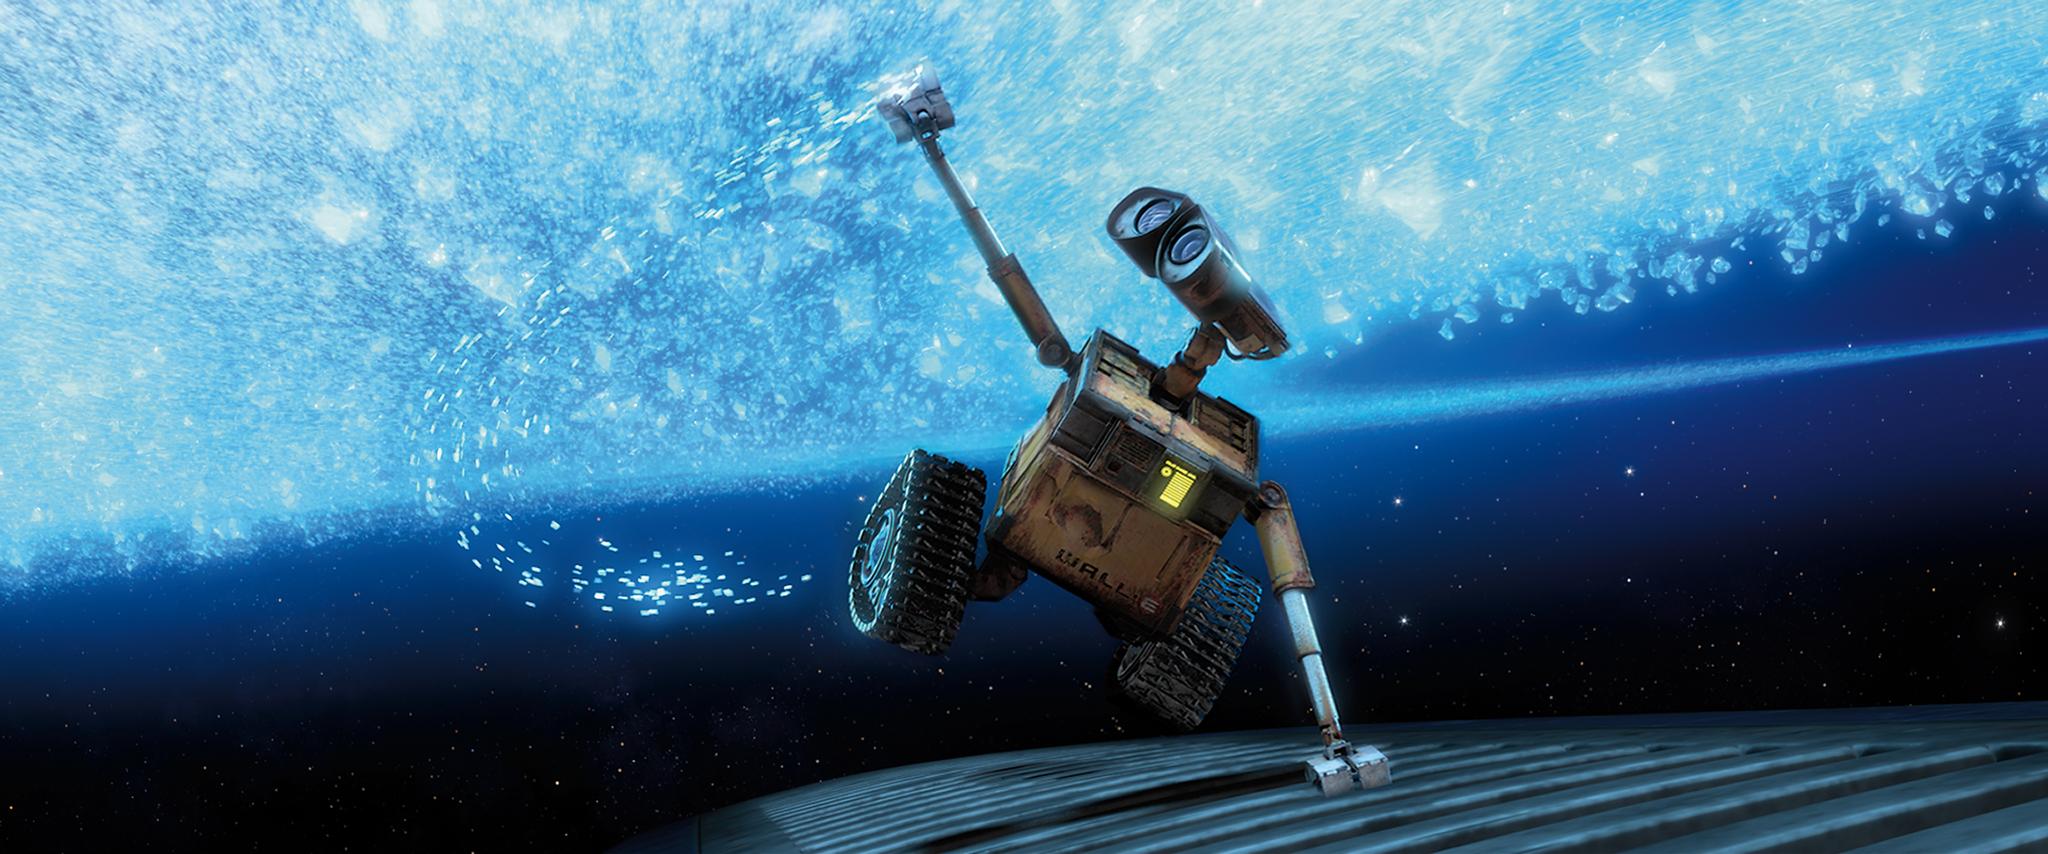 Wall-E (2008).